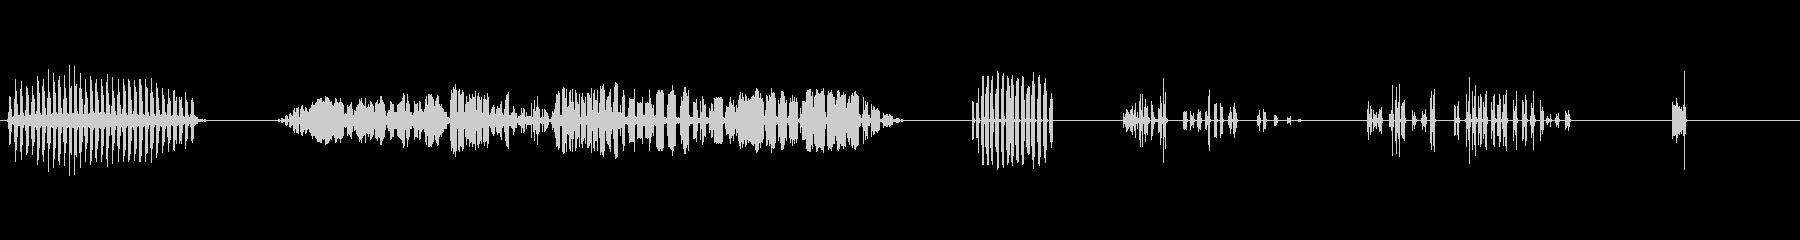 バードコール、ファルコンファルコン...の未再生の波形